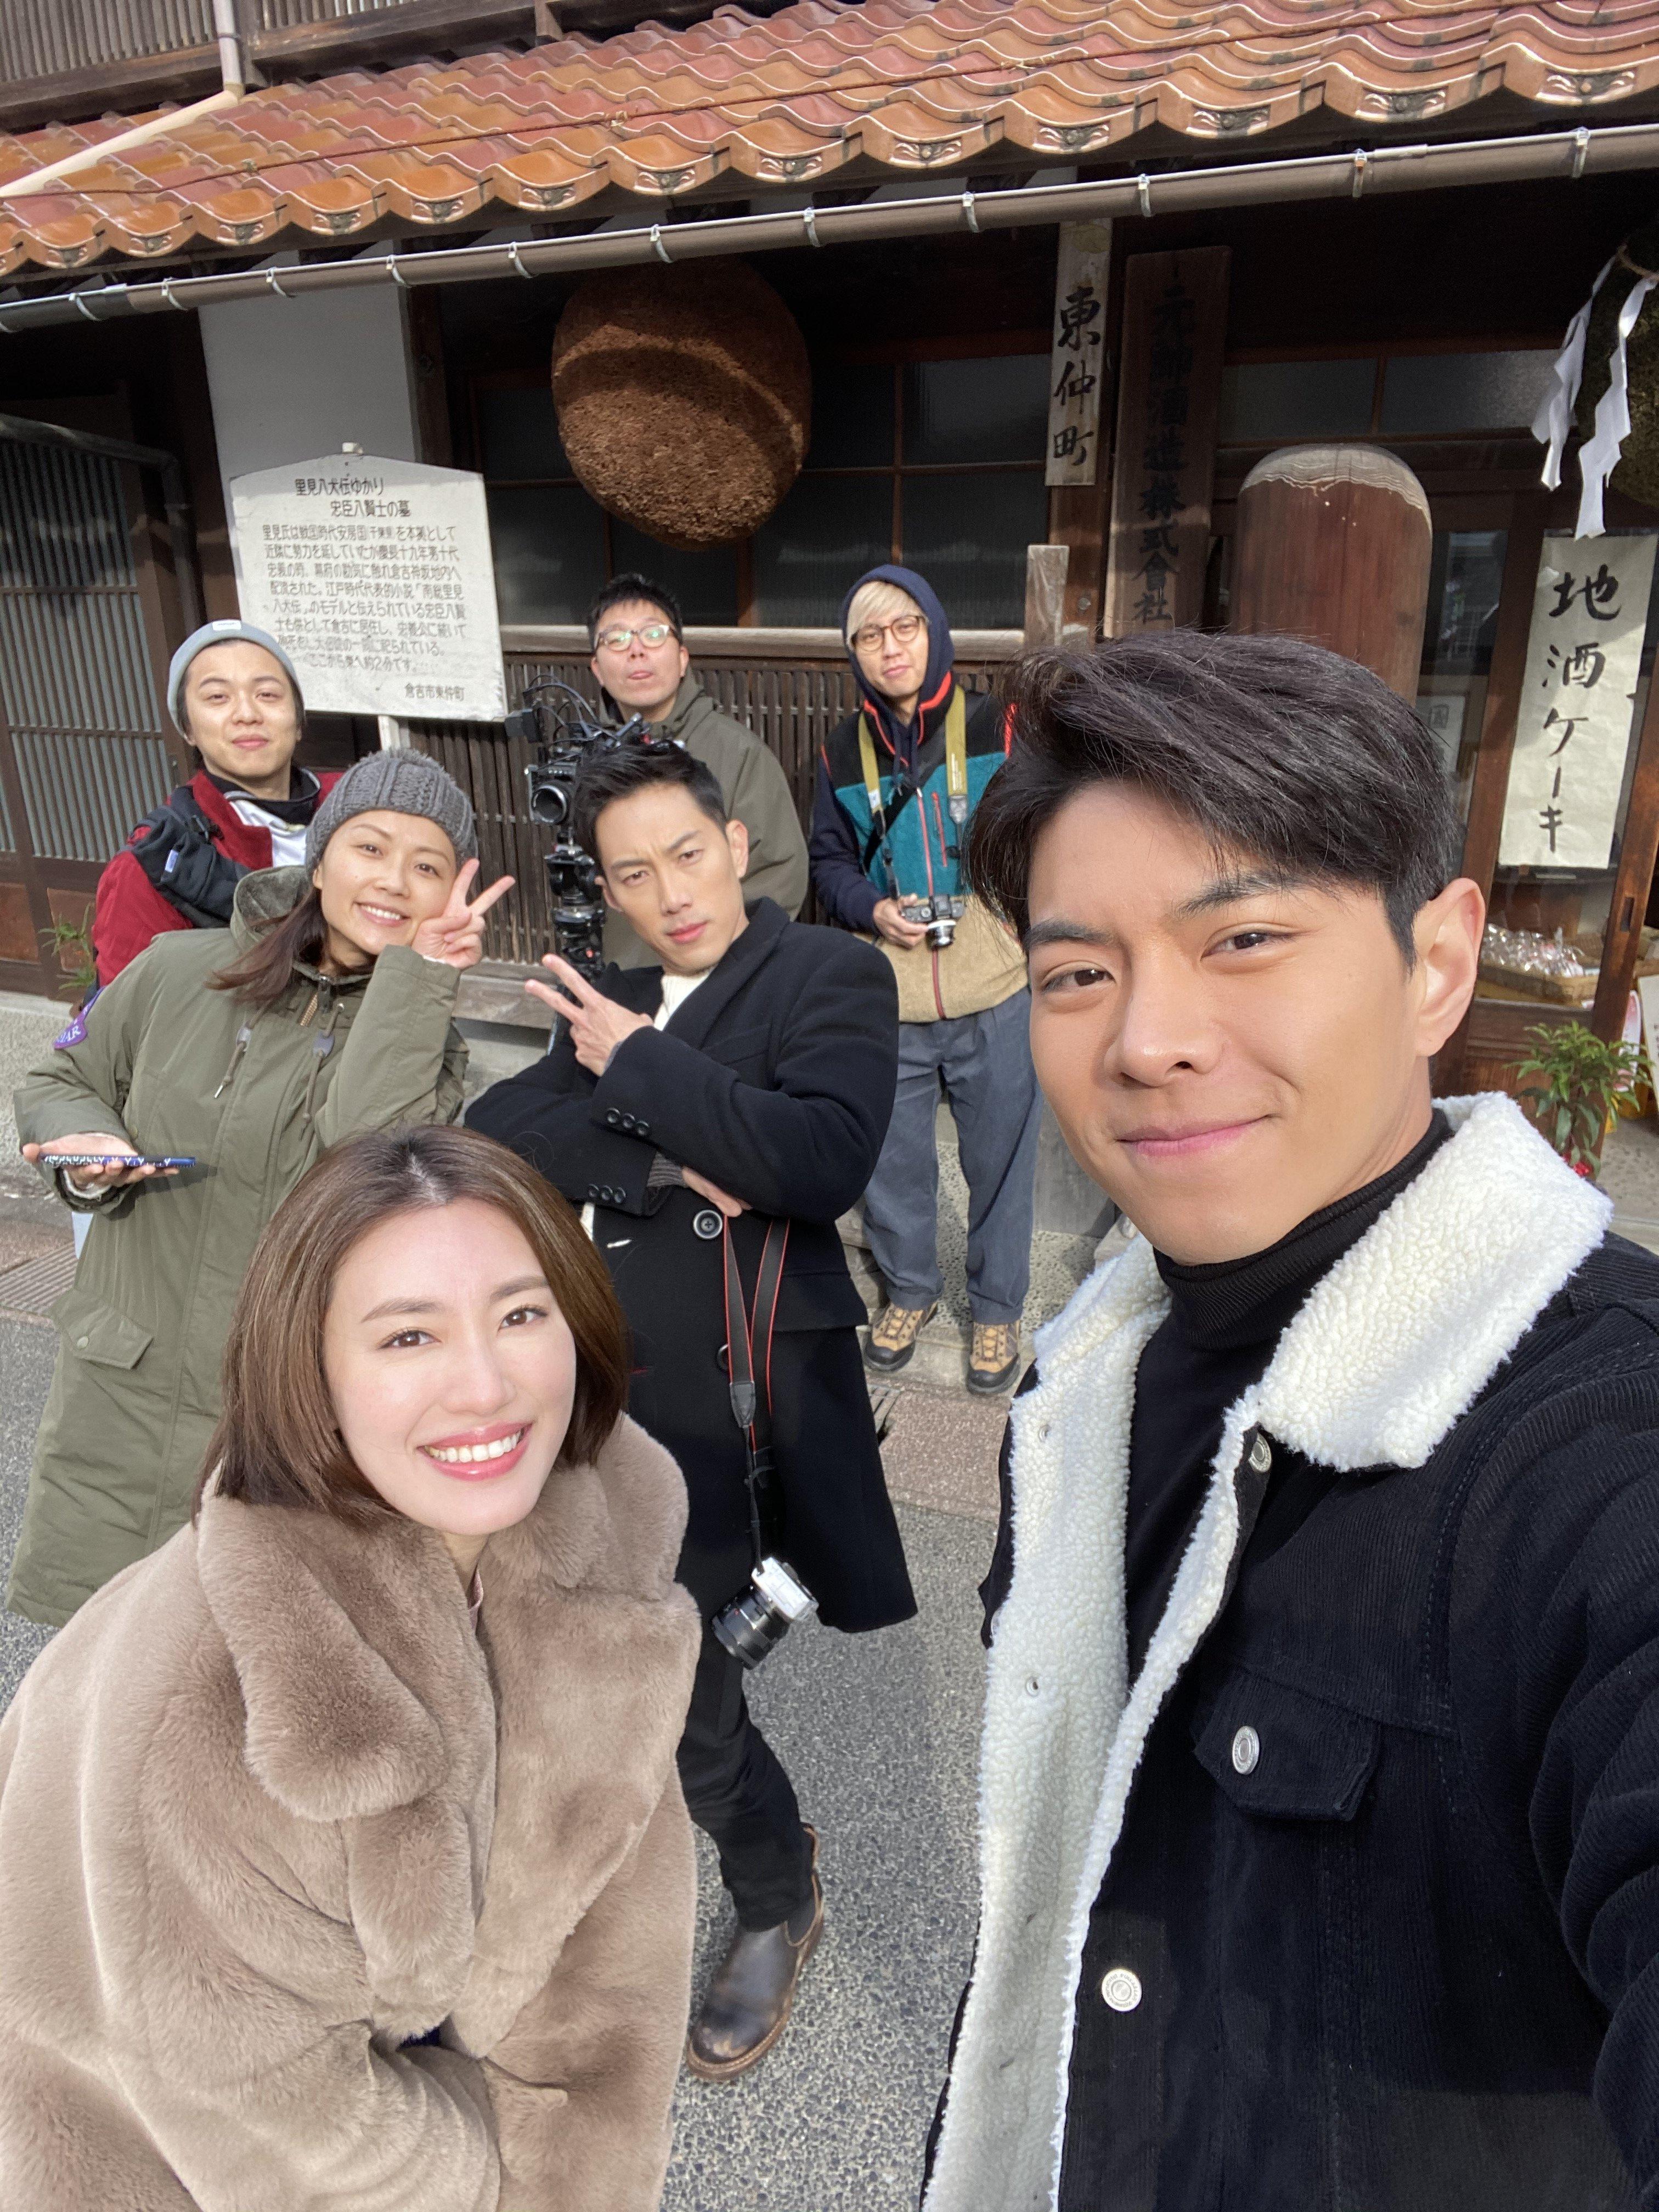 微電影在日本取景,羅天宇、蔣家旻、麥秋成寓工作於旅遊。